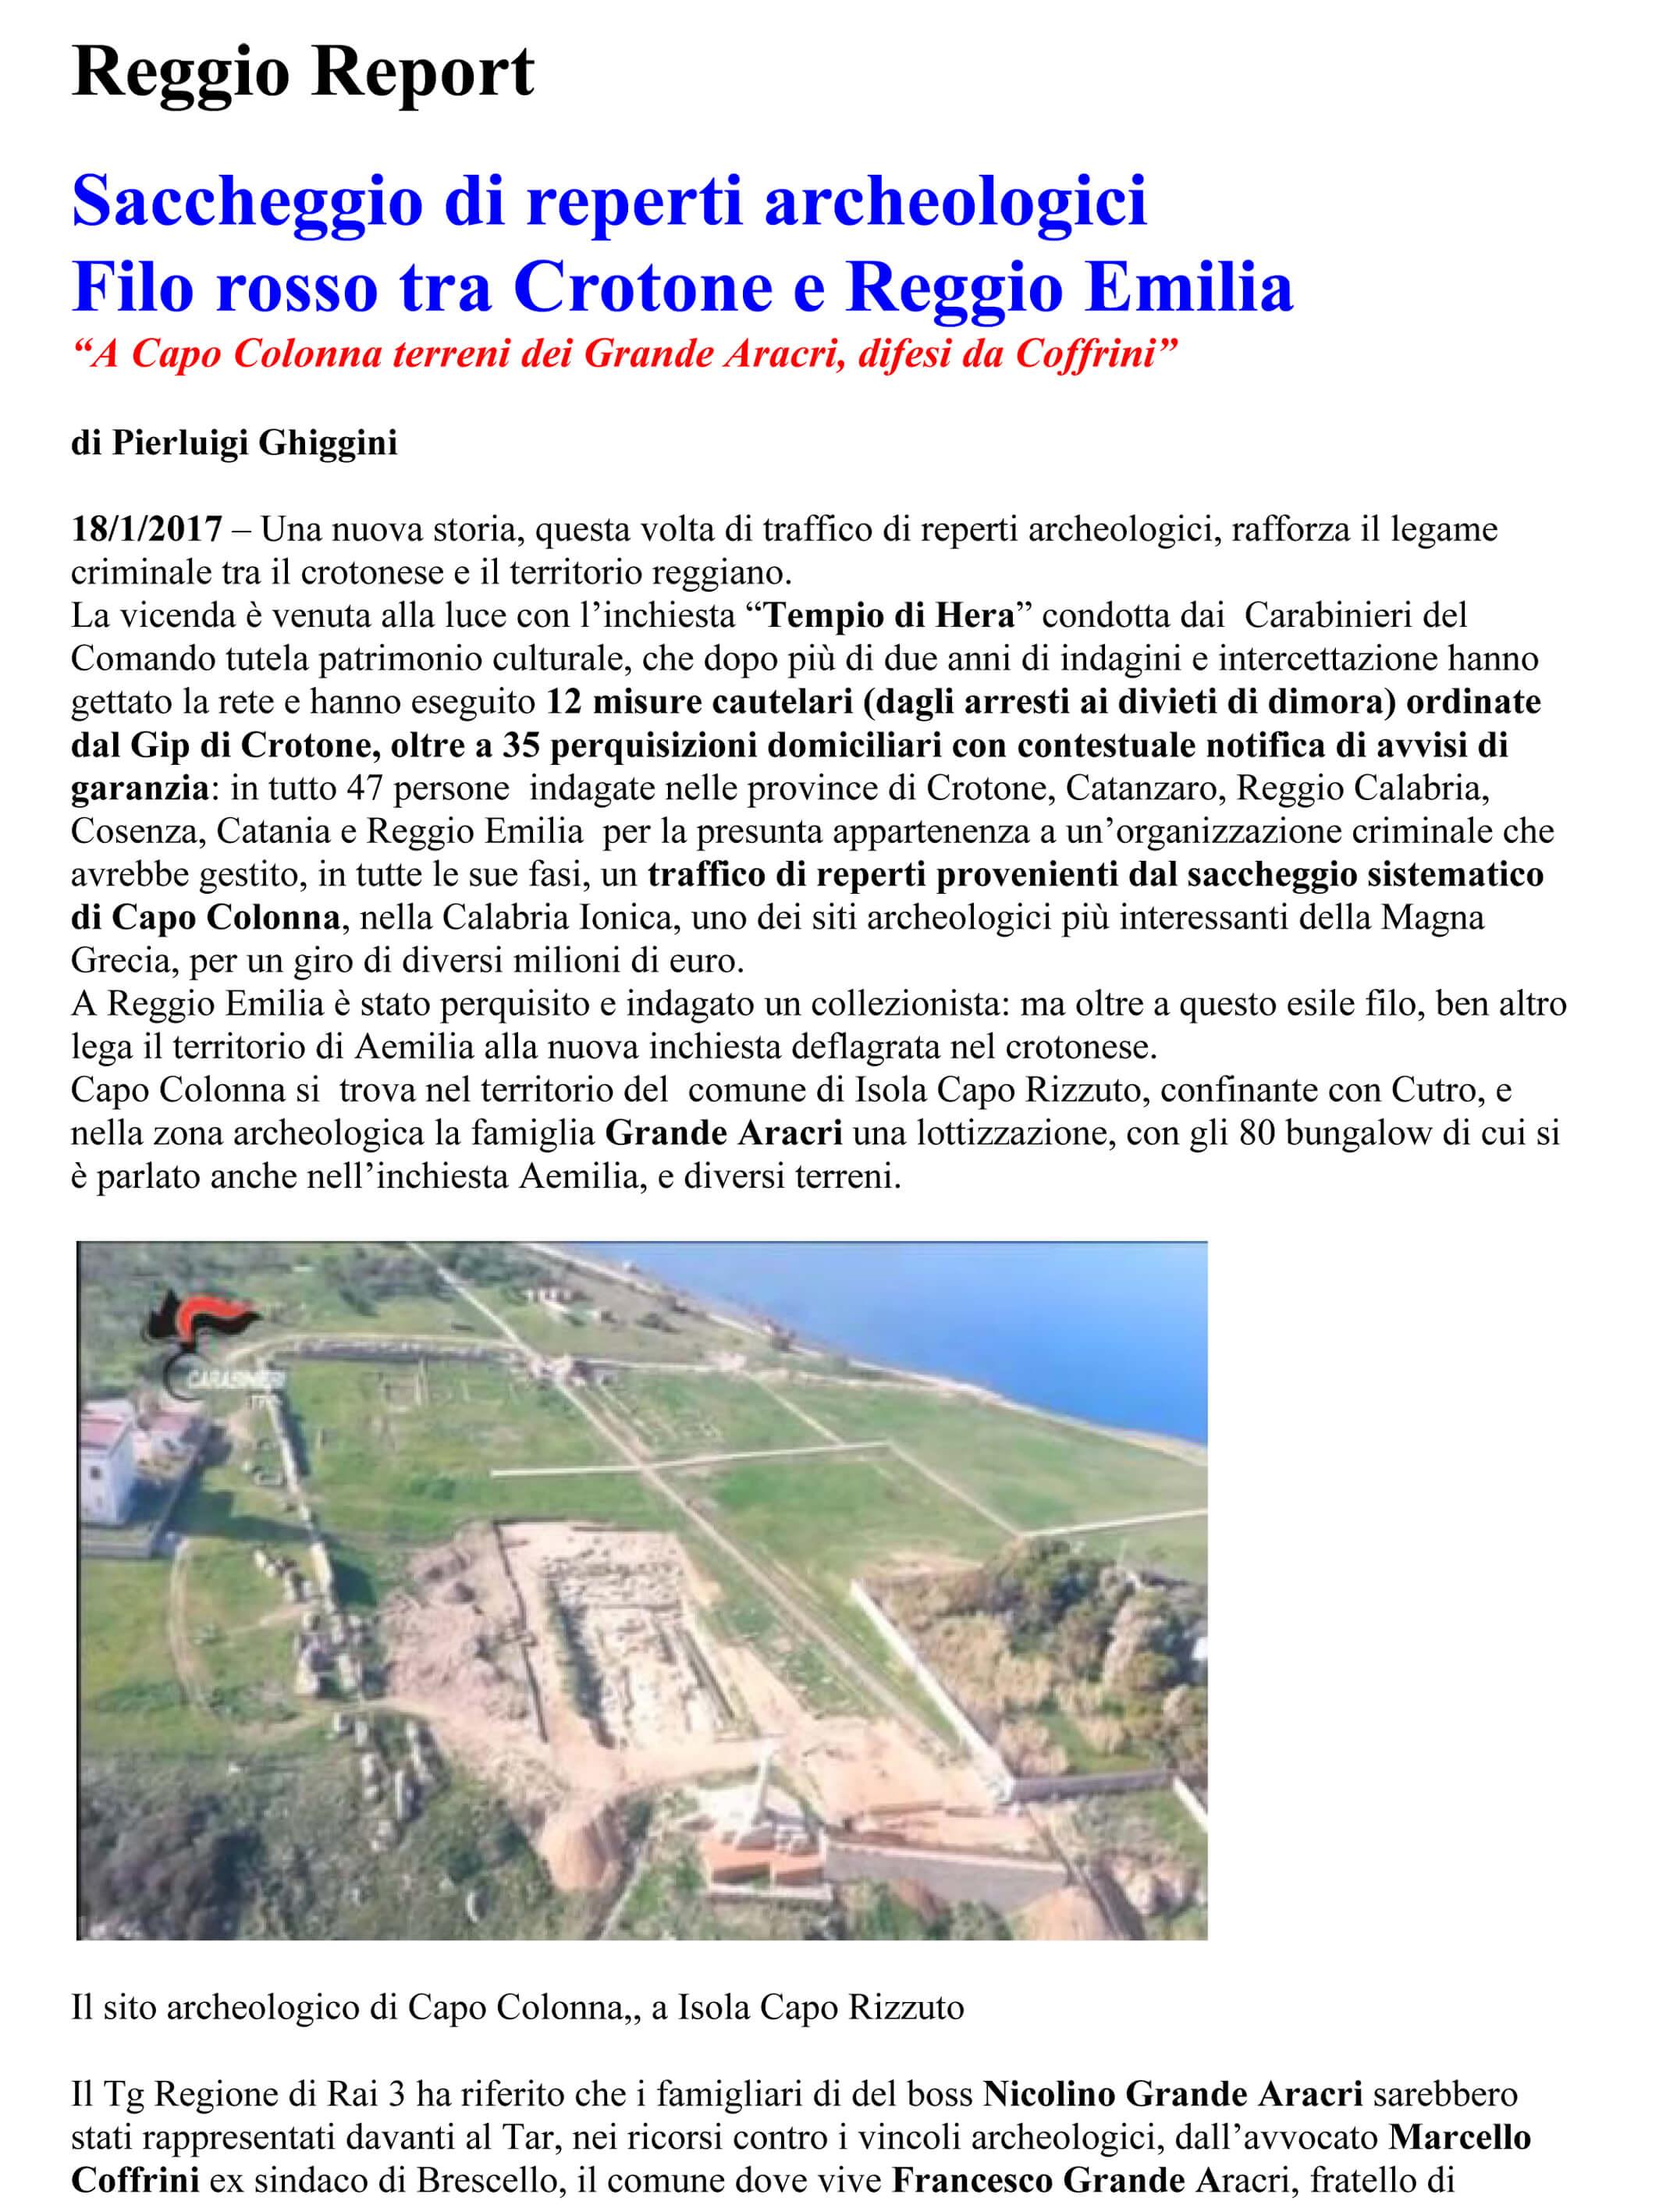 Filo rosso tra Crotone e Reggio